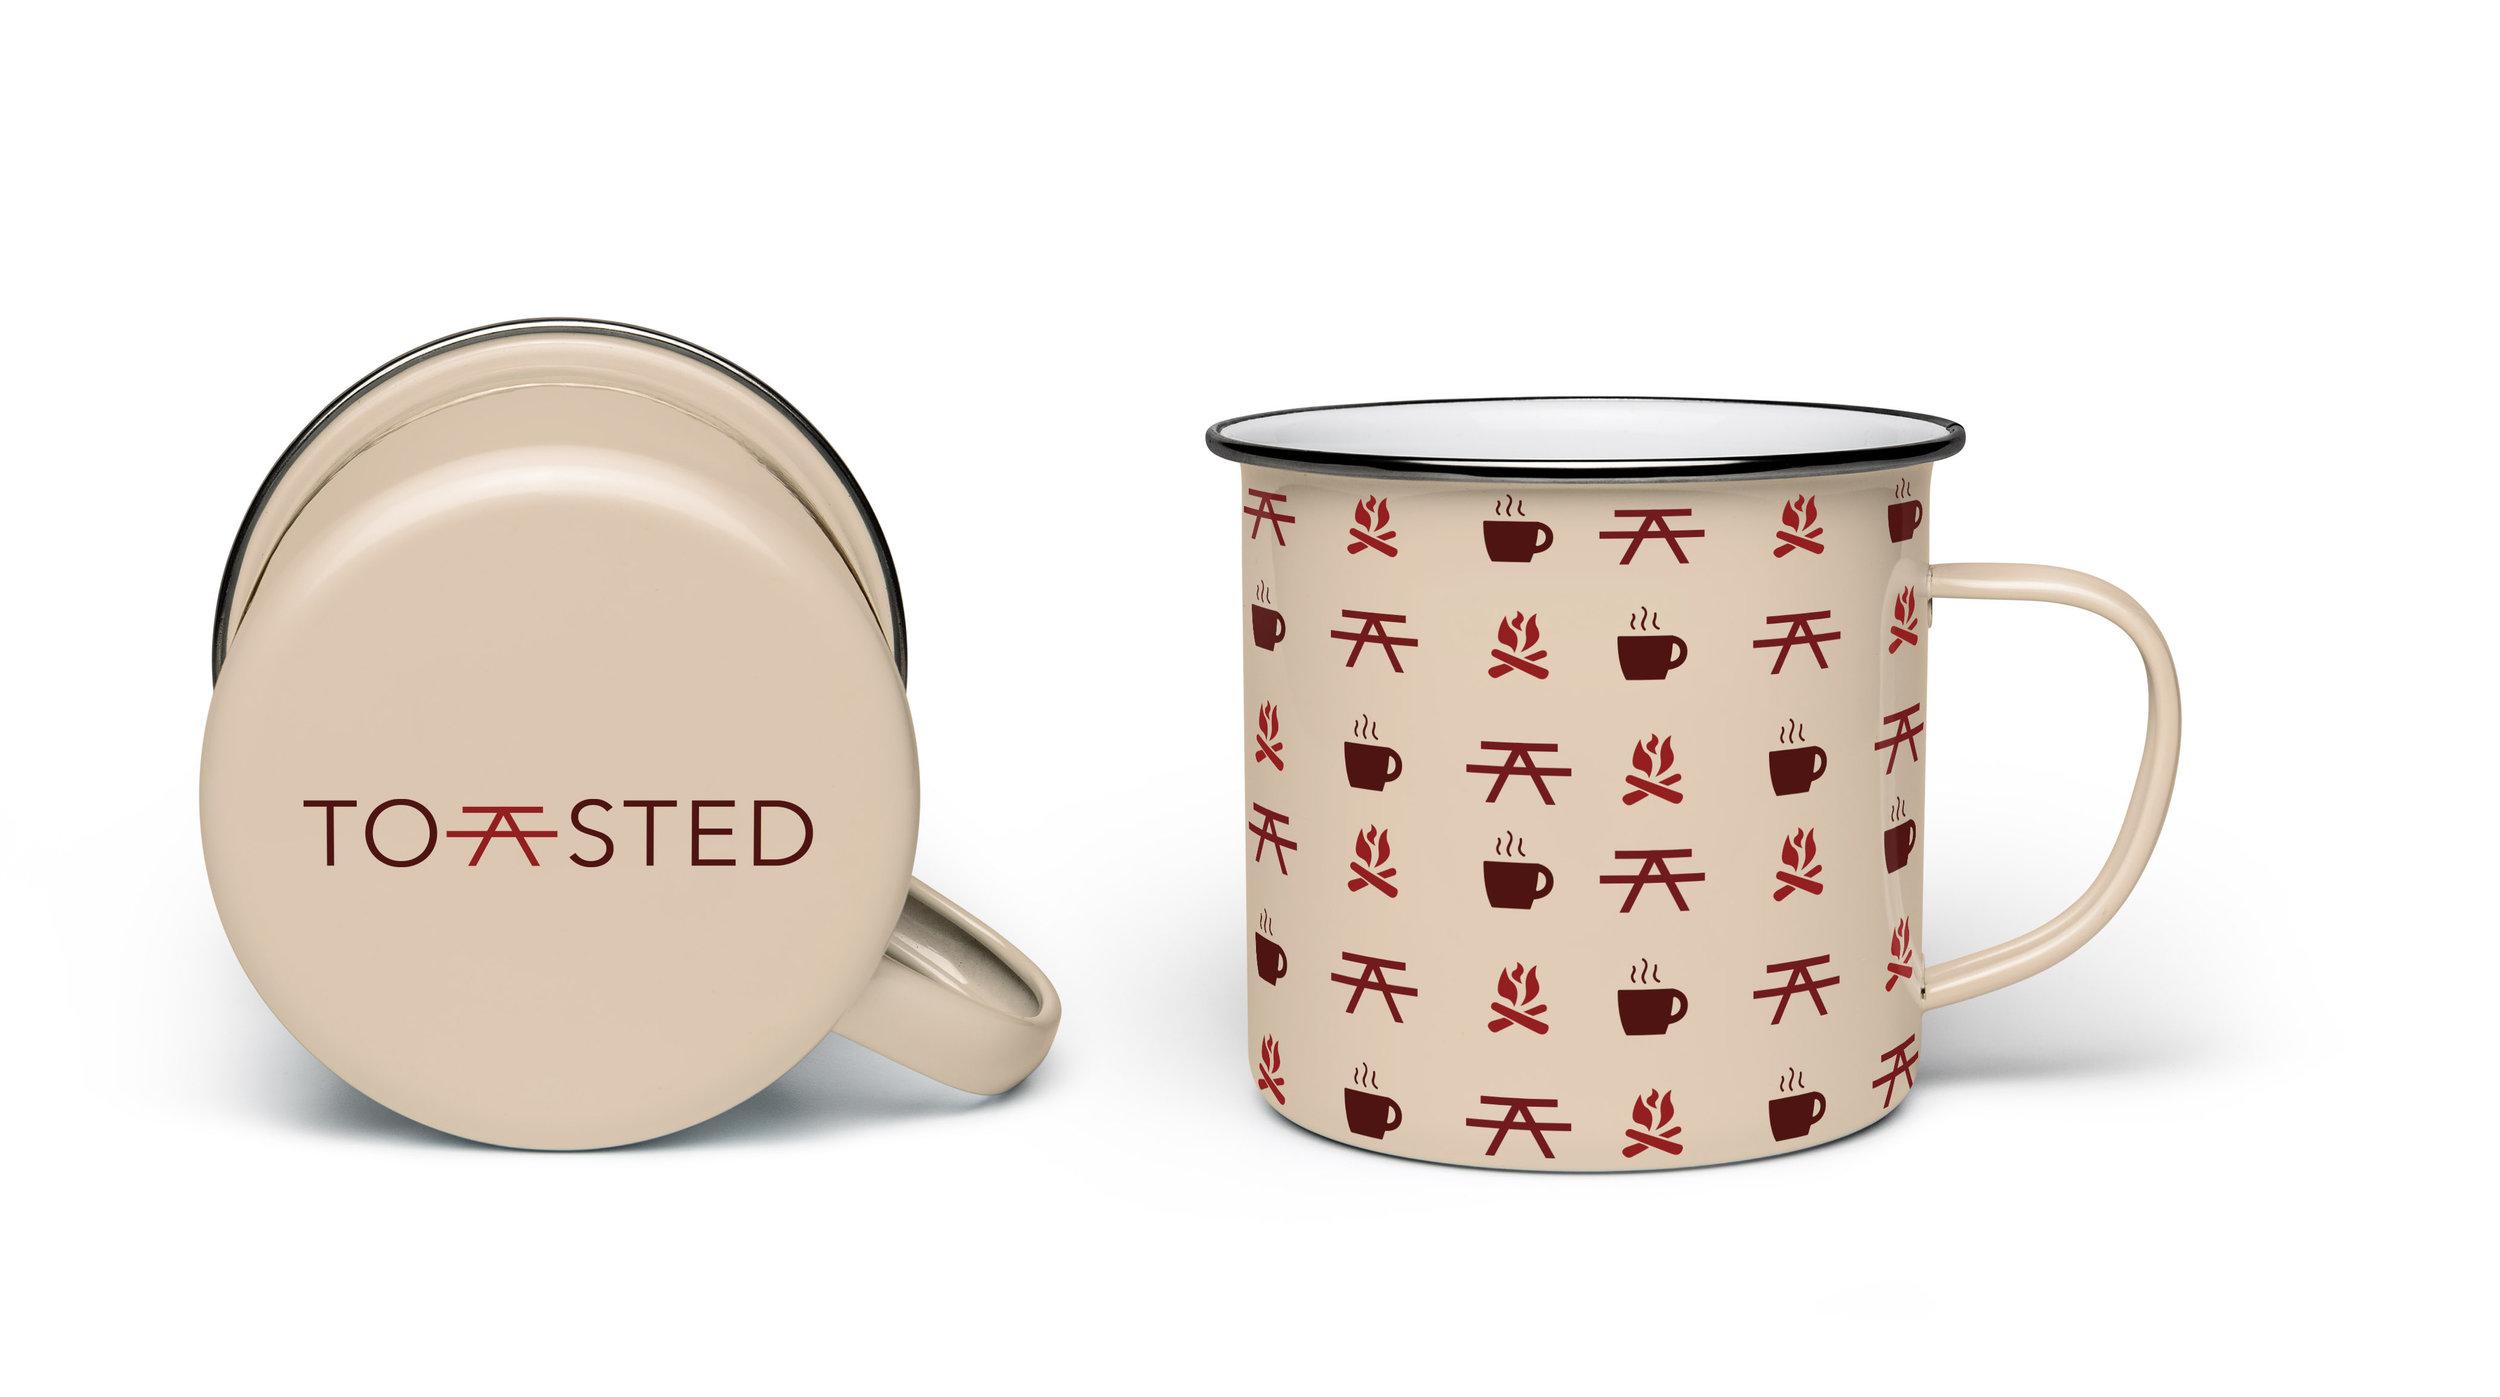 Toasted mug 2.jpg